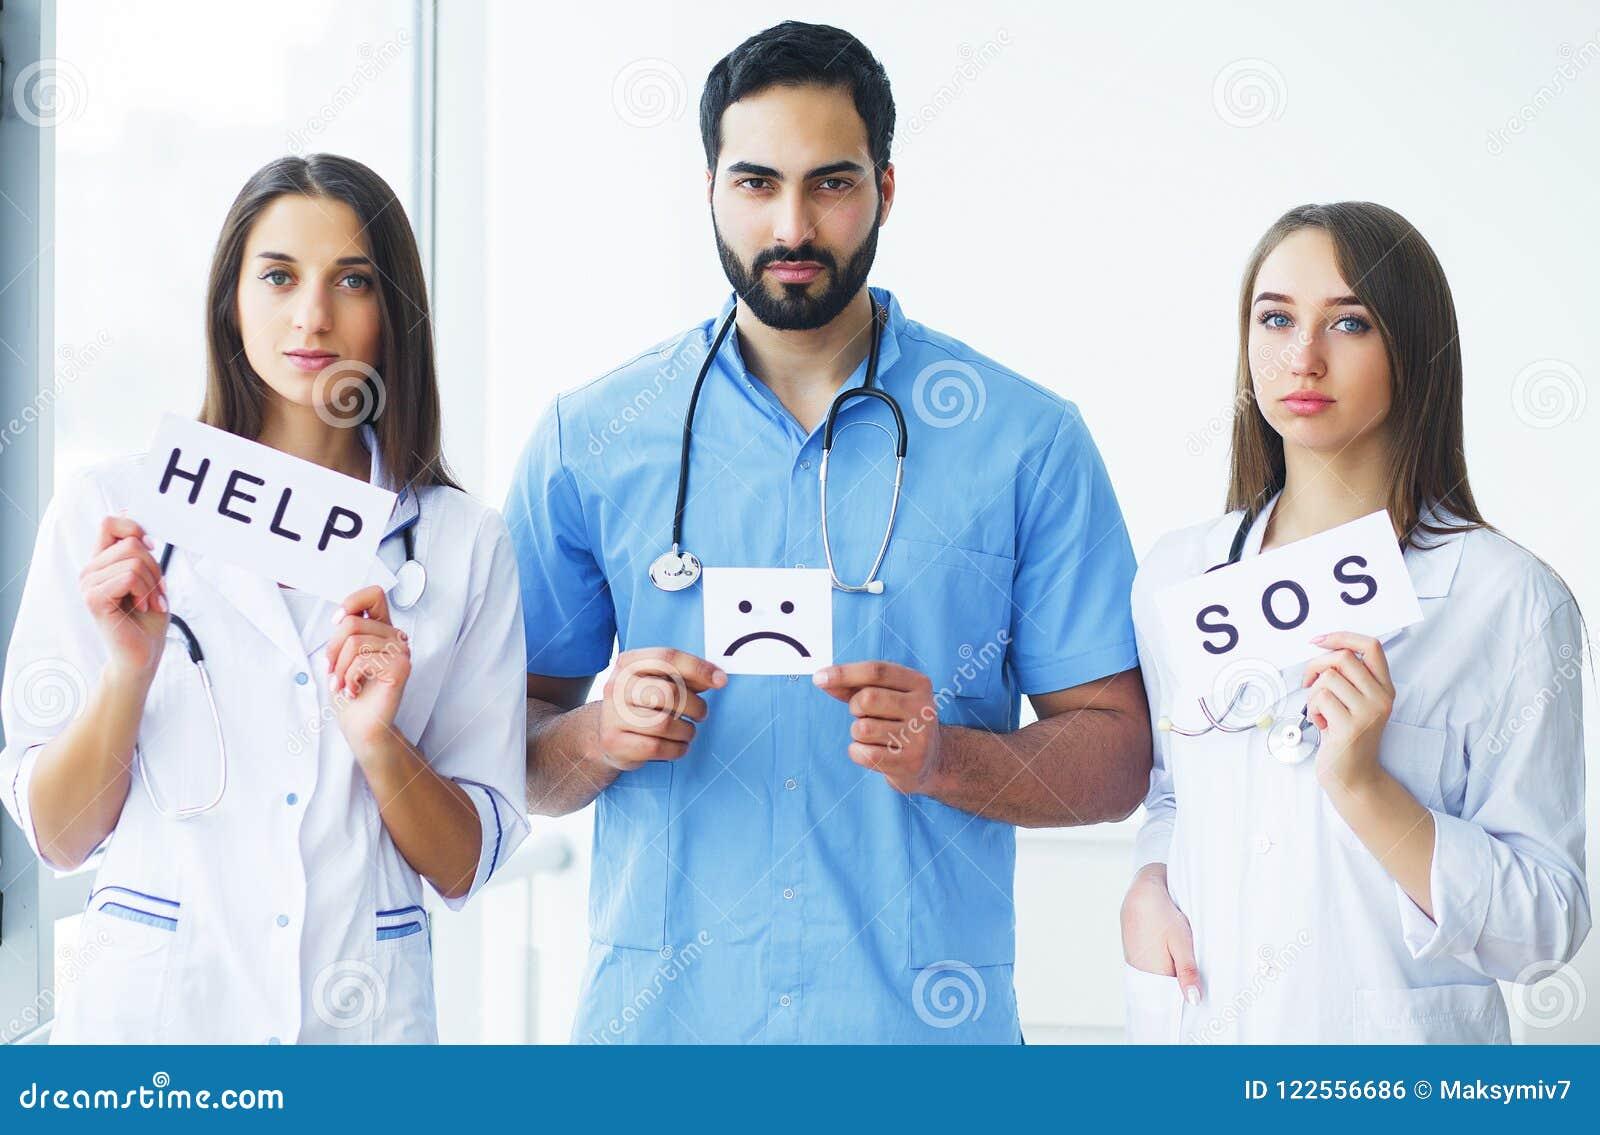 η υγεία προσοχής όπλων απομόνωσε τις καθυστερήσεις Επιγραφές εκμετάλλευσης ιατρικής ομάδας για τη βοήθεια στο Χ